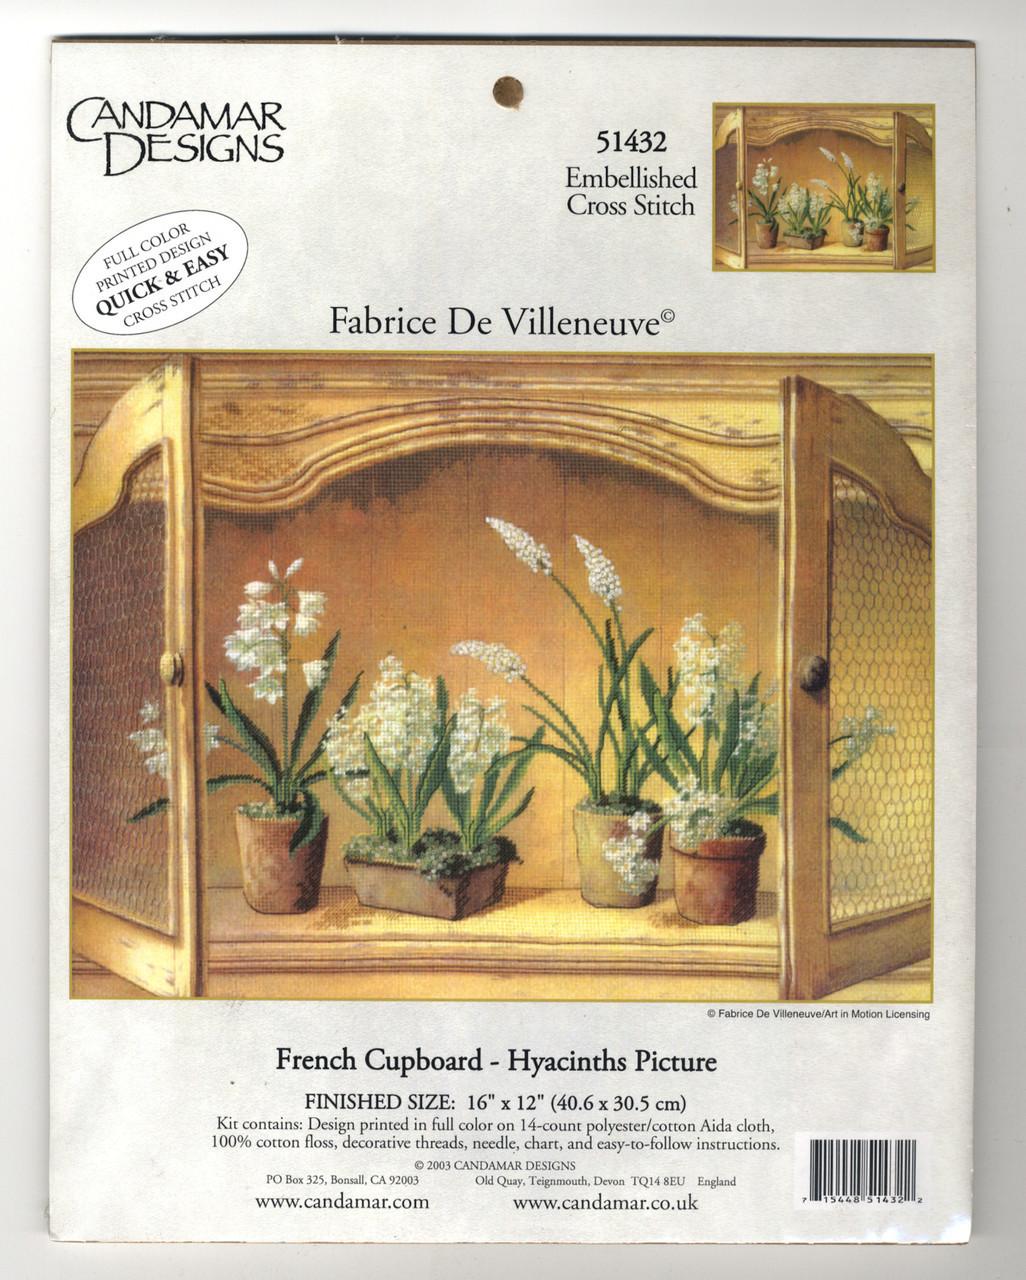 Candamar - French Cupboard - Hyacinths